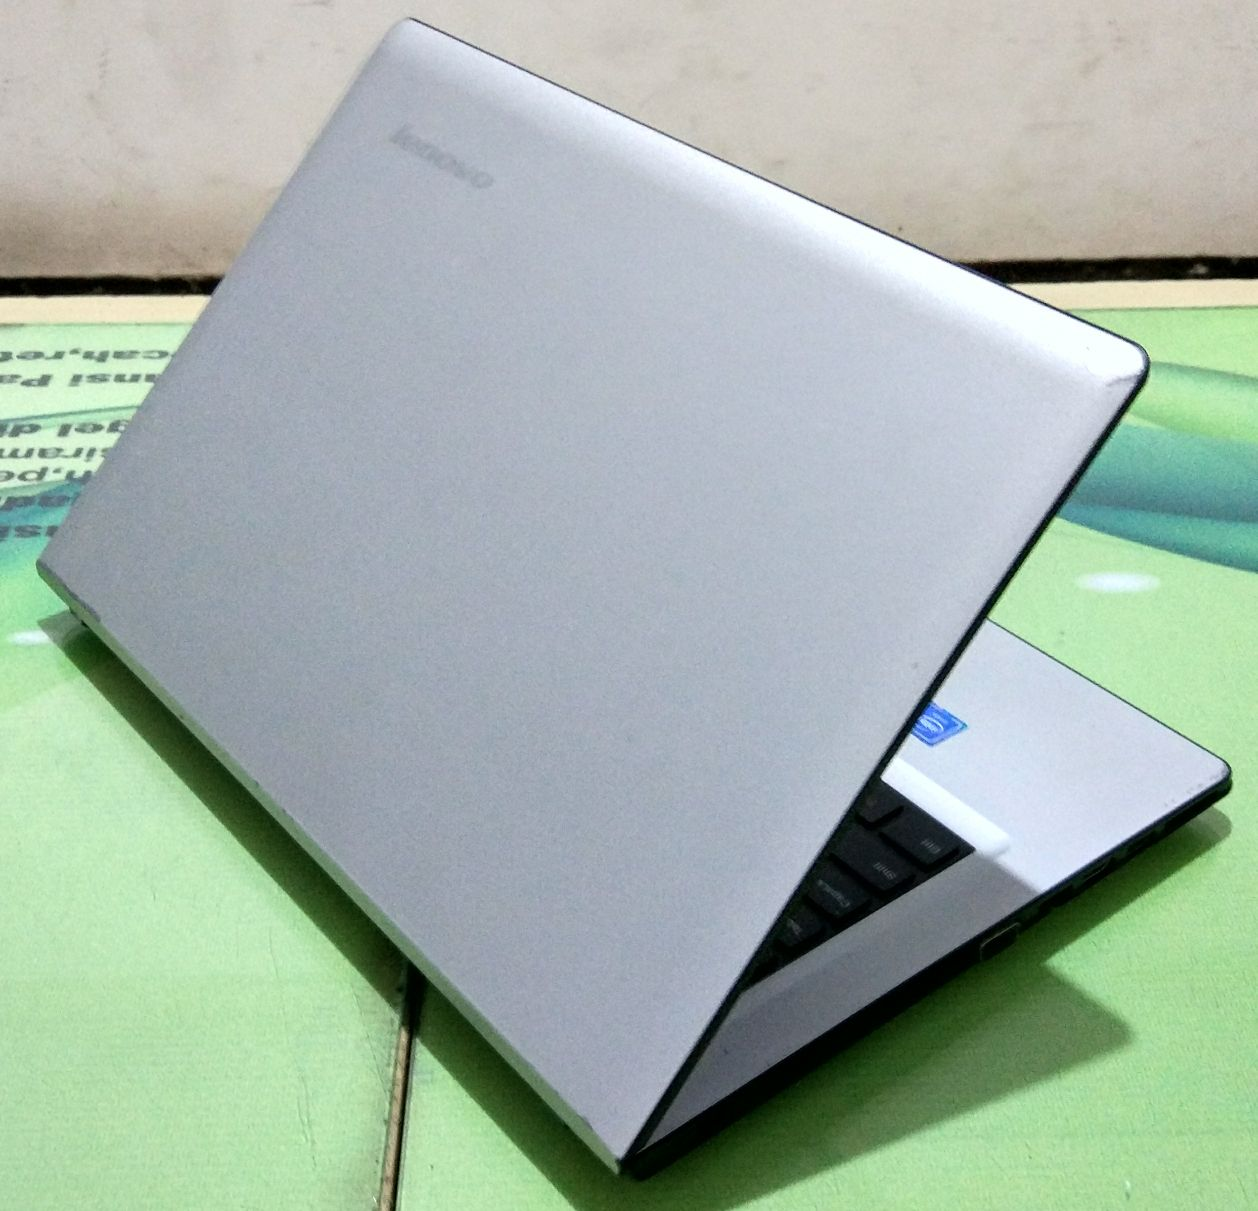 Info Harga Asus K401lb Fr068d Notebook 14 Inch Fhd I5 Nvidia Gt940 4 A456ur Ga092d Gold Intel Core 7200u 14ampquot 4gb 1tb Gt930mx 2gb Dos 5200u Ram Gt940m